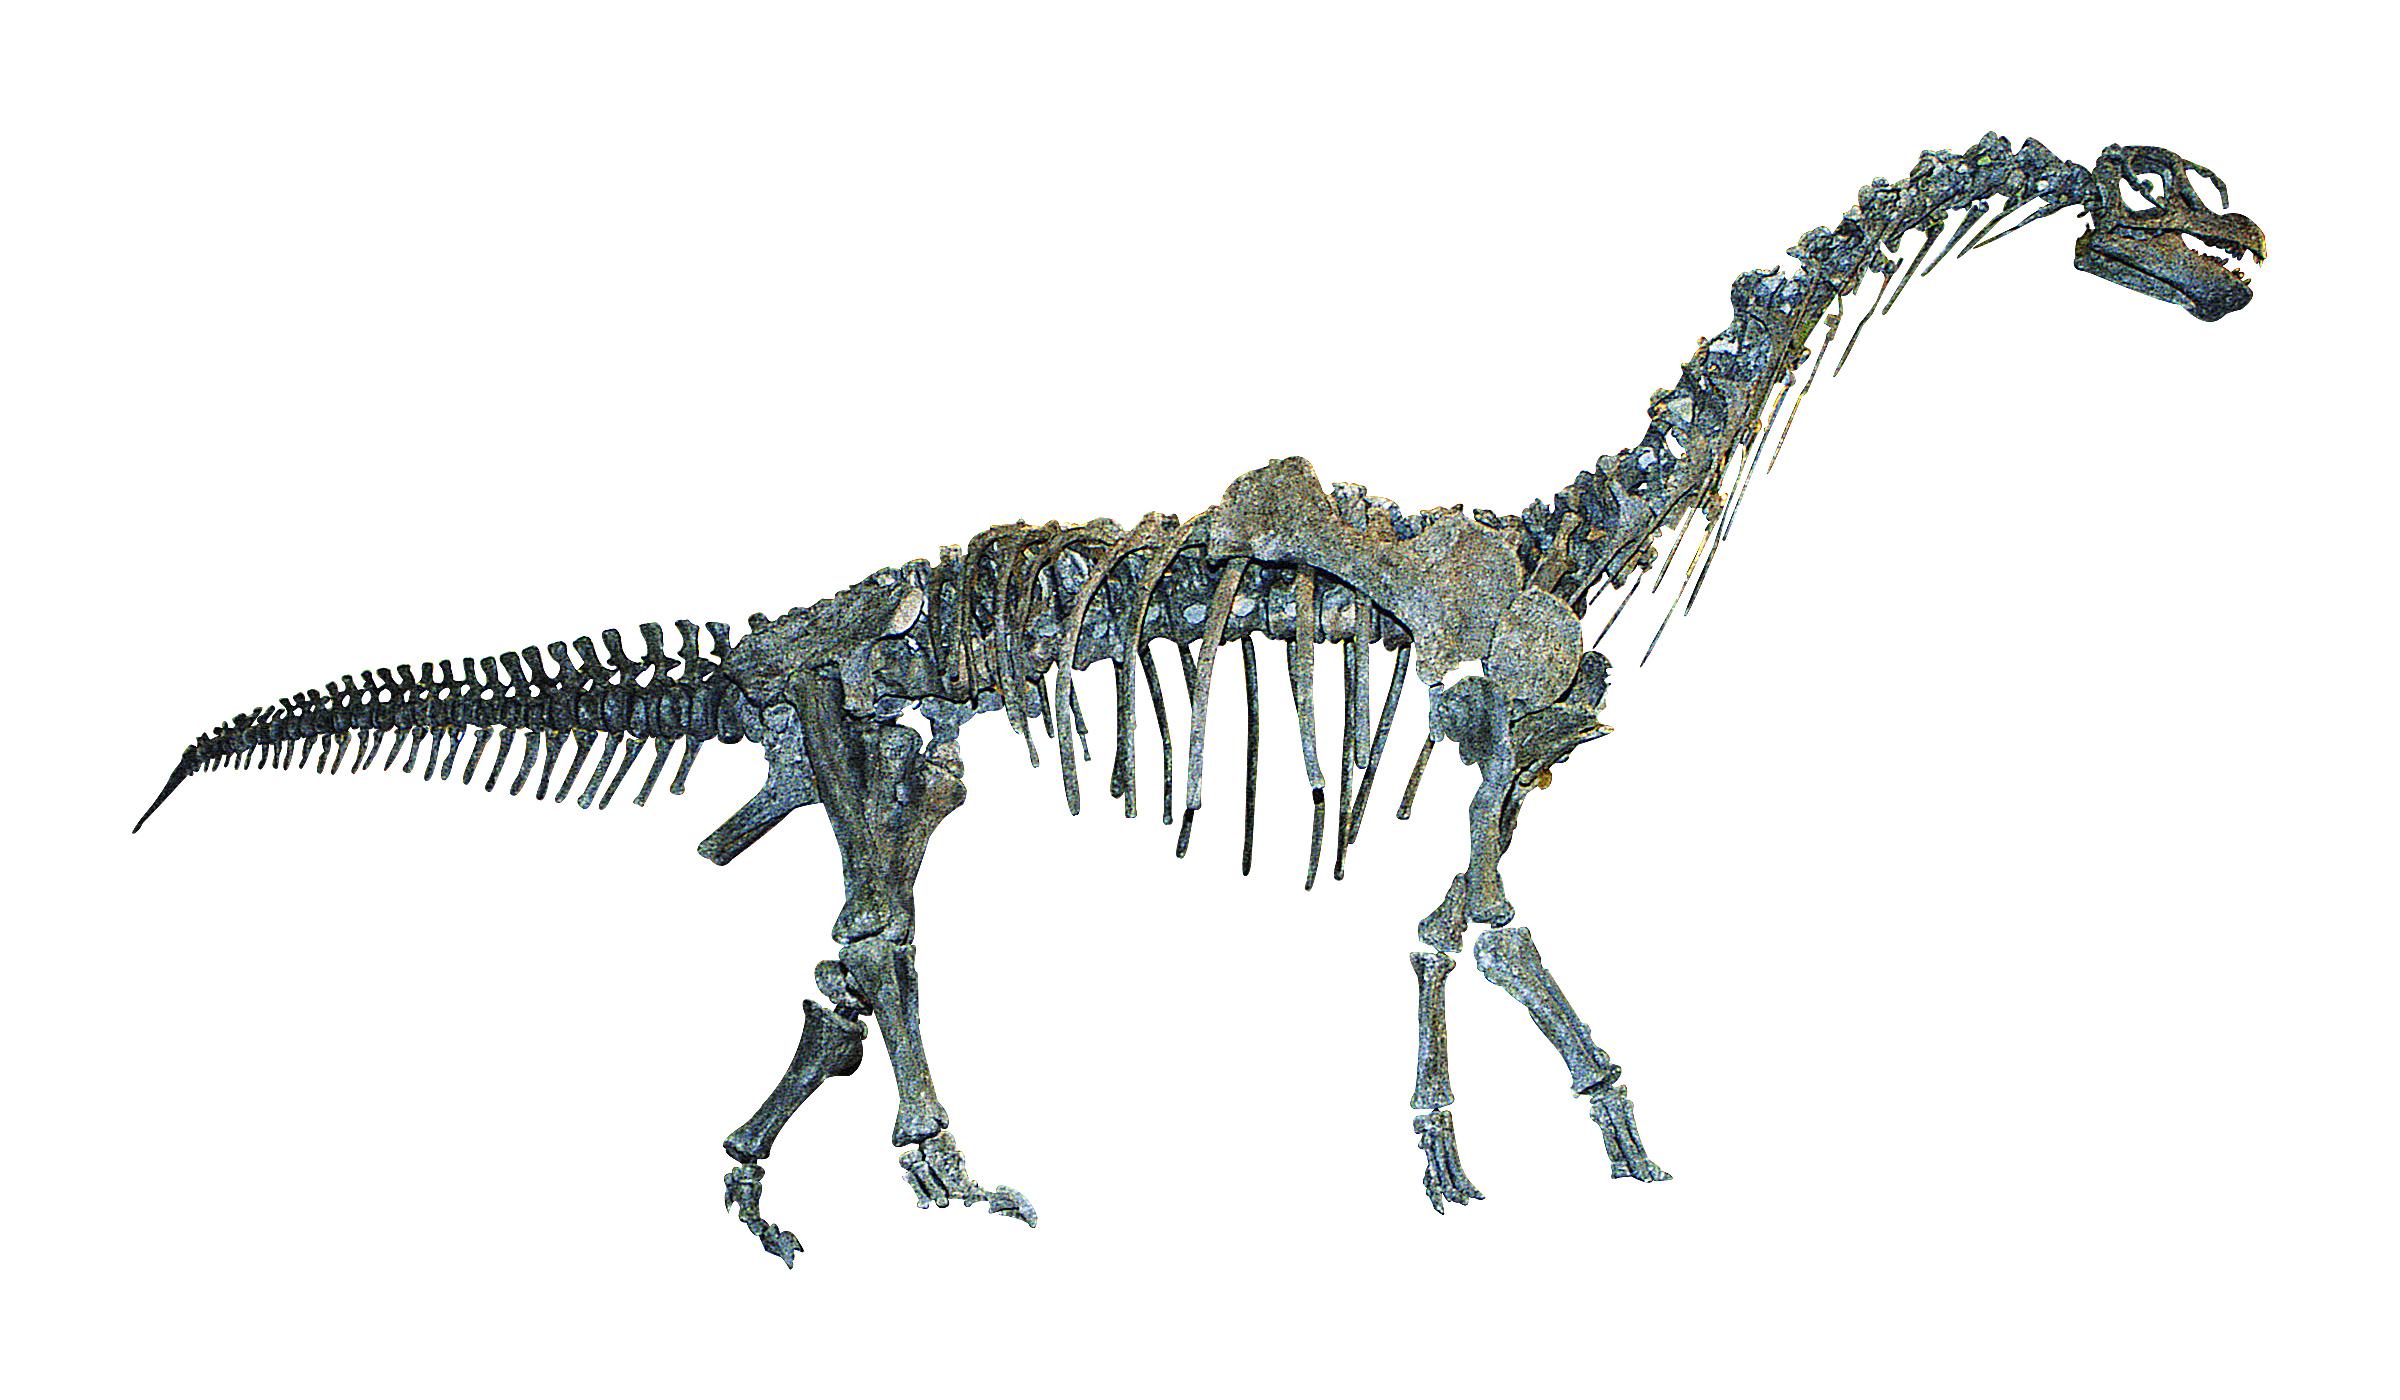 カマラサウルス亜成体 全身復元骨格